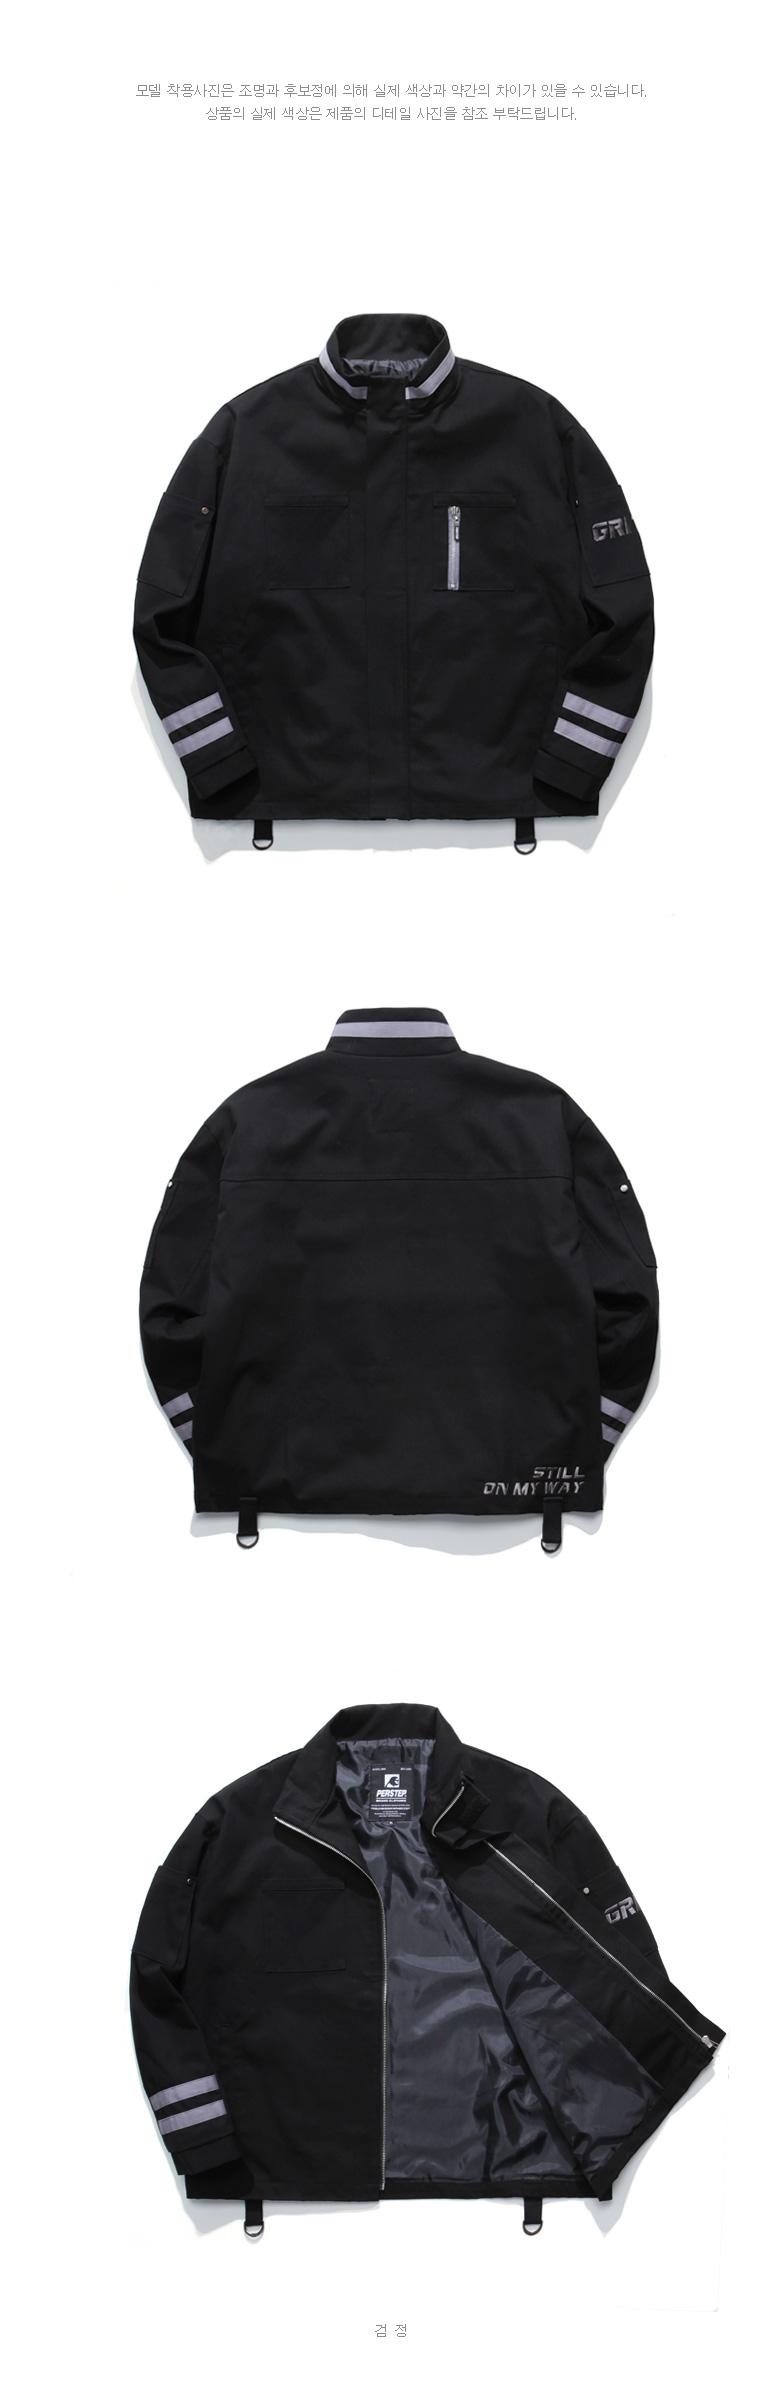 [퍼스텝] 서바이브 자켓 3종 JUOT4225